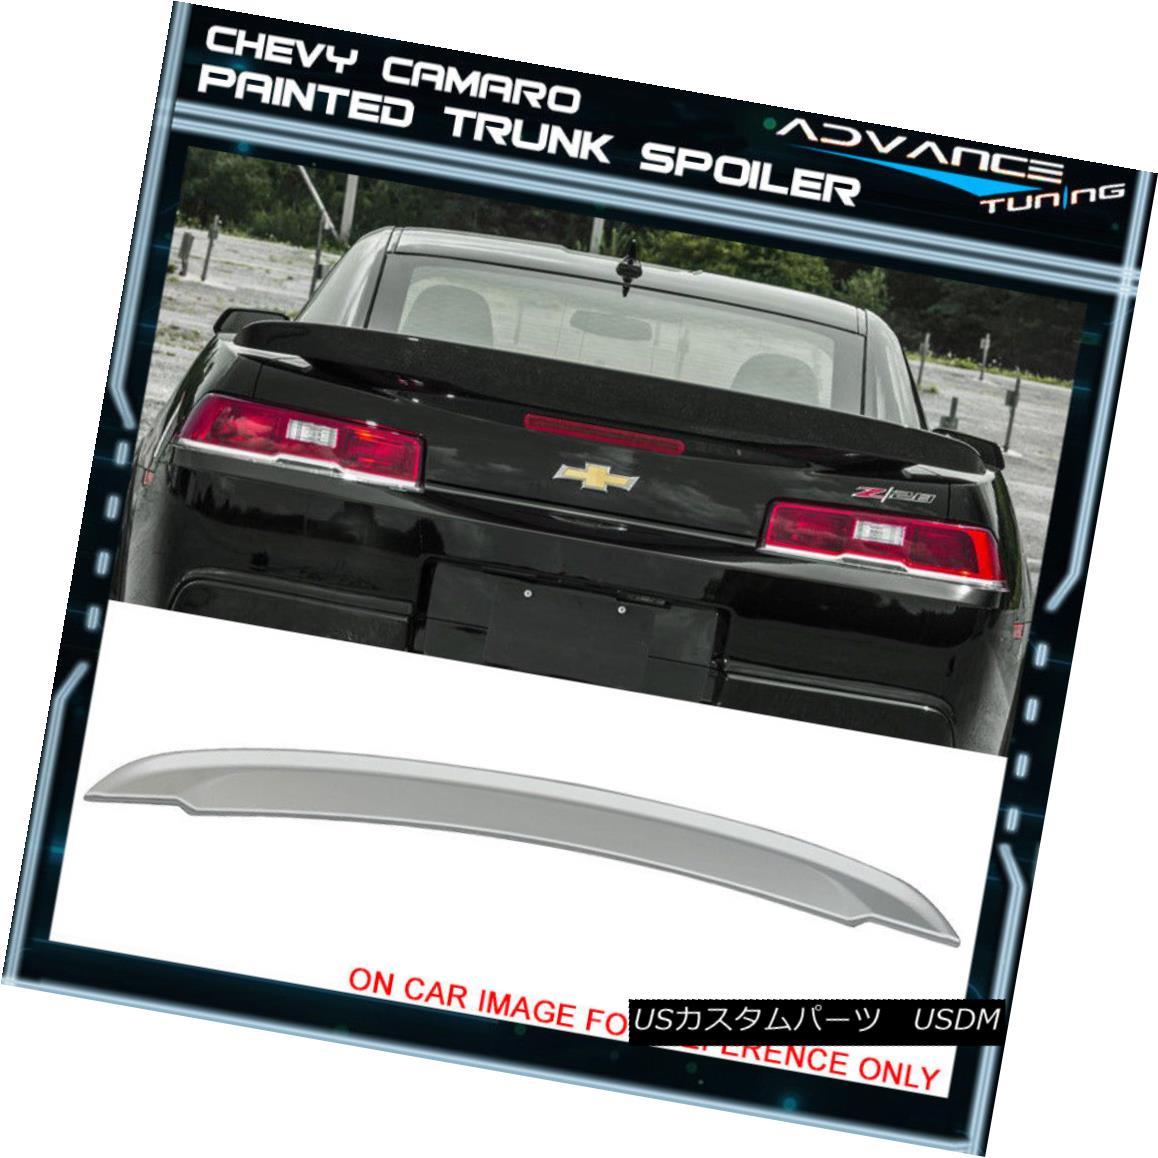 エアロパーツ 14-15 Camaro OE Trunk Spoiler OEM Painted #WA636R Switchblade Silver Metallic 14-15カマロOEトランク・スポイラーOEM塗装済み#WA636Rスイッチブレードシルバー・メタリック